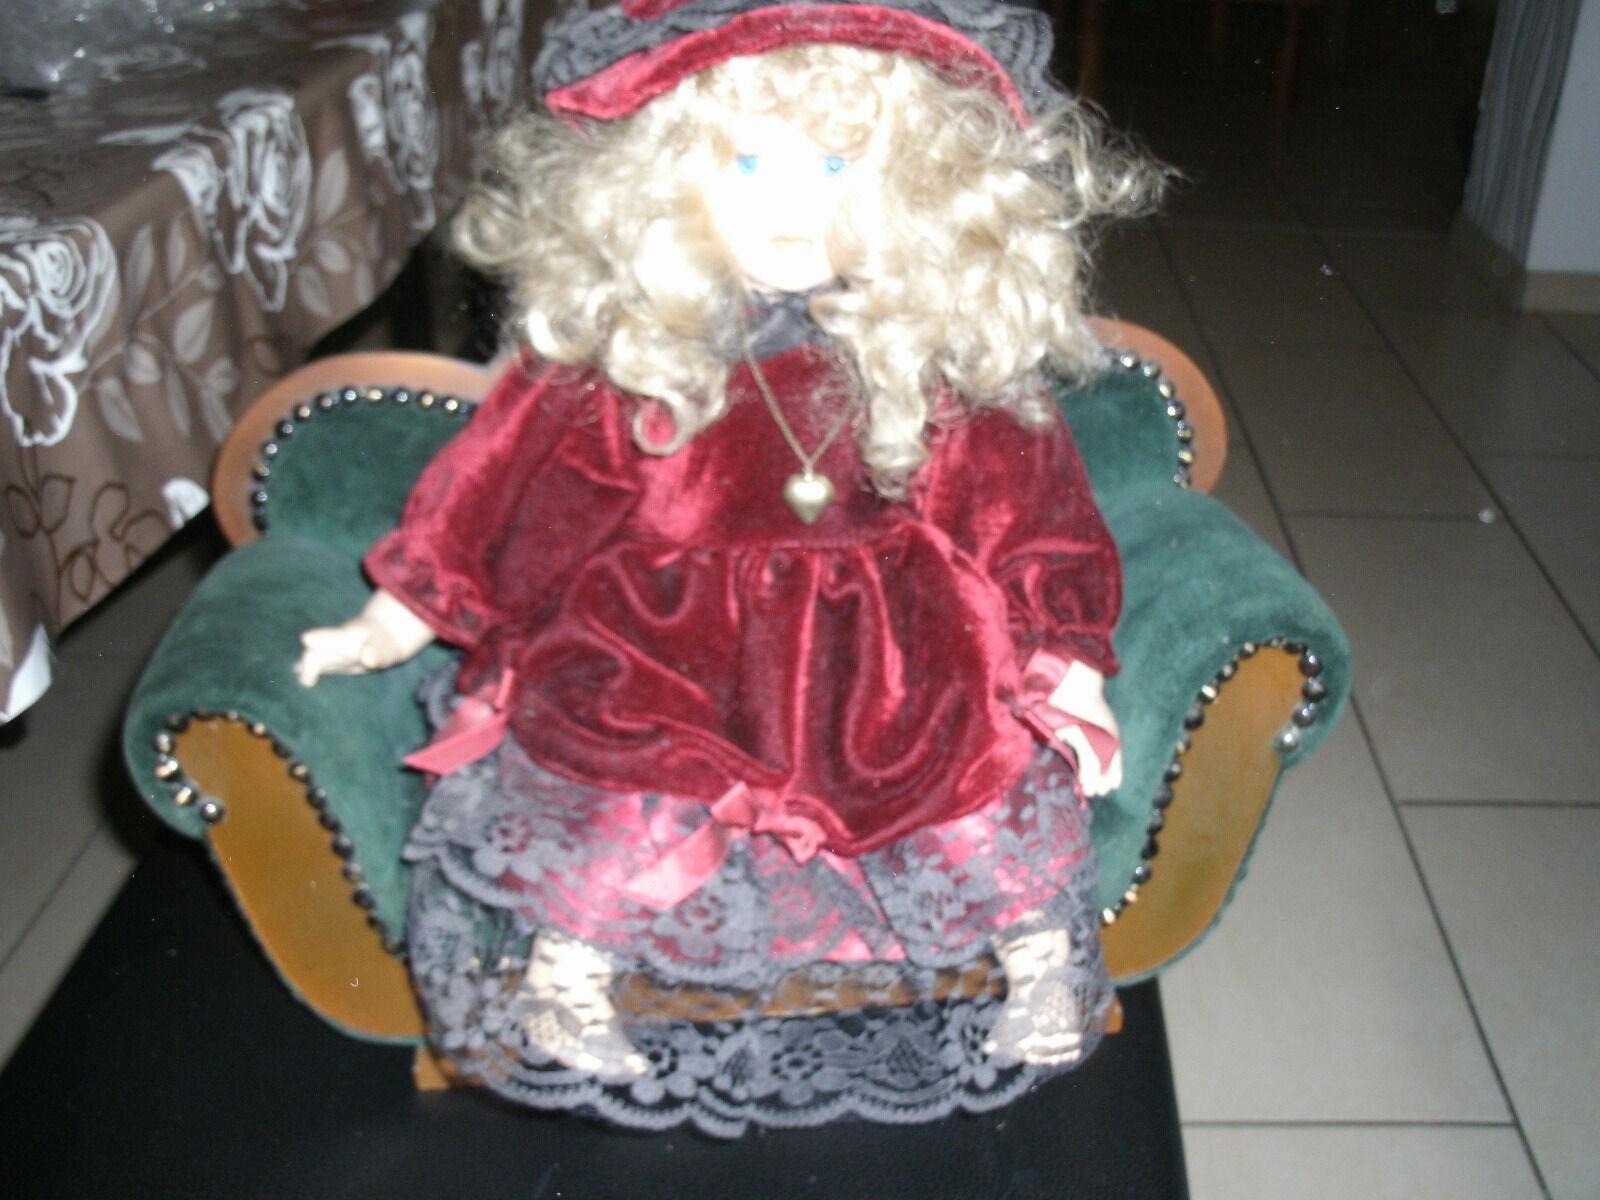 Sehr schönes dekoratives Puppensofa mit Porzelanpuppe